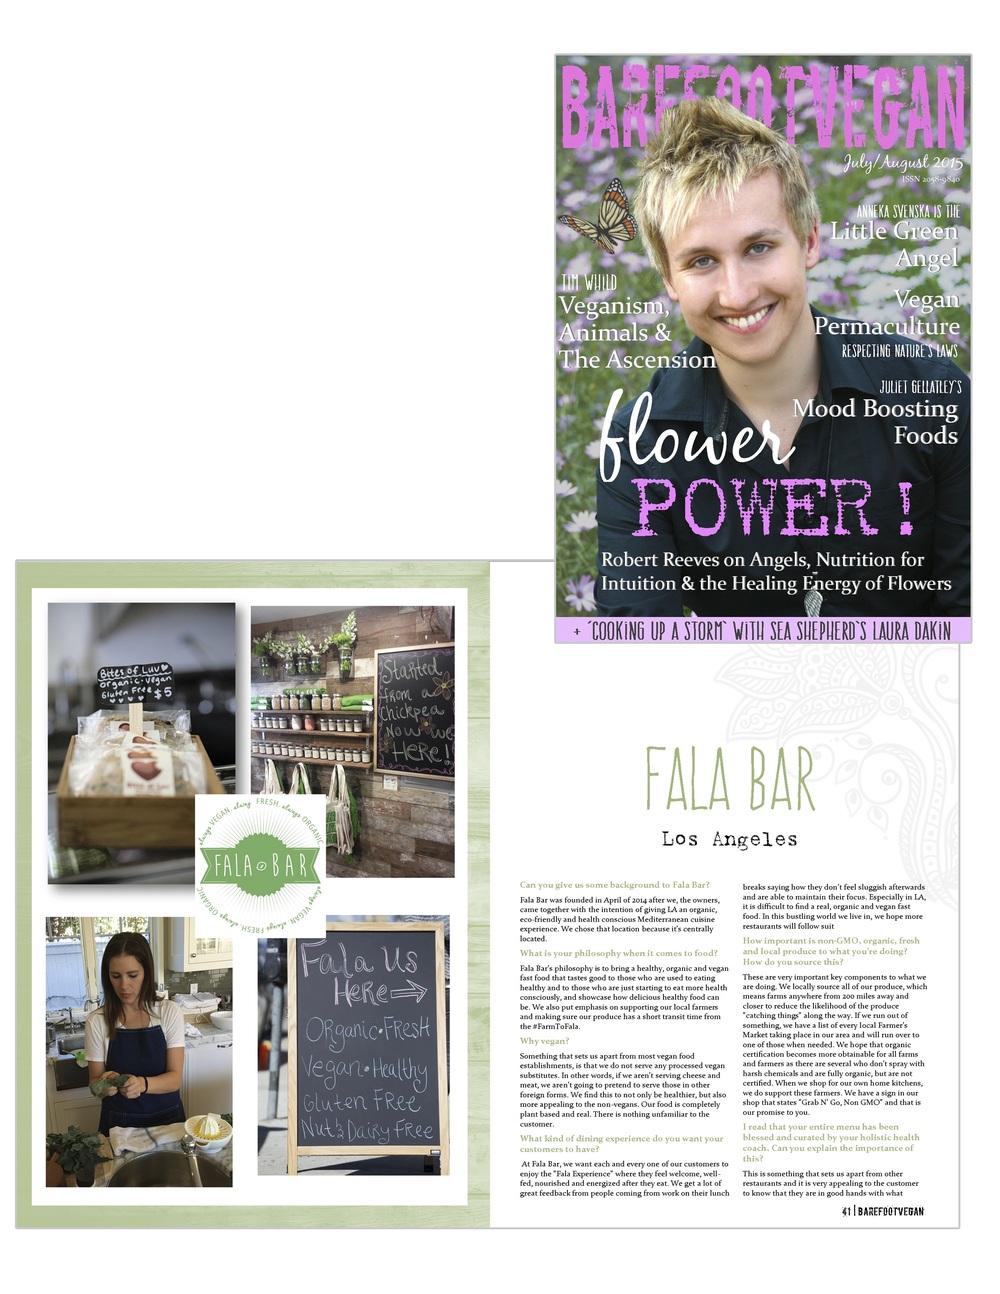 Report about Fala Bar / Barefootvegan